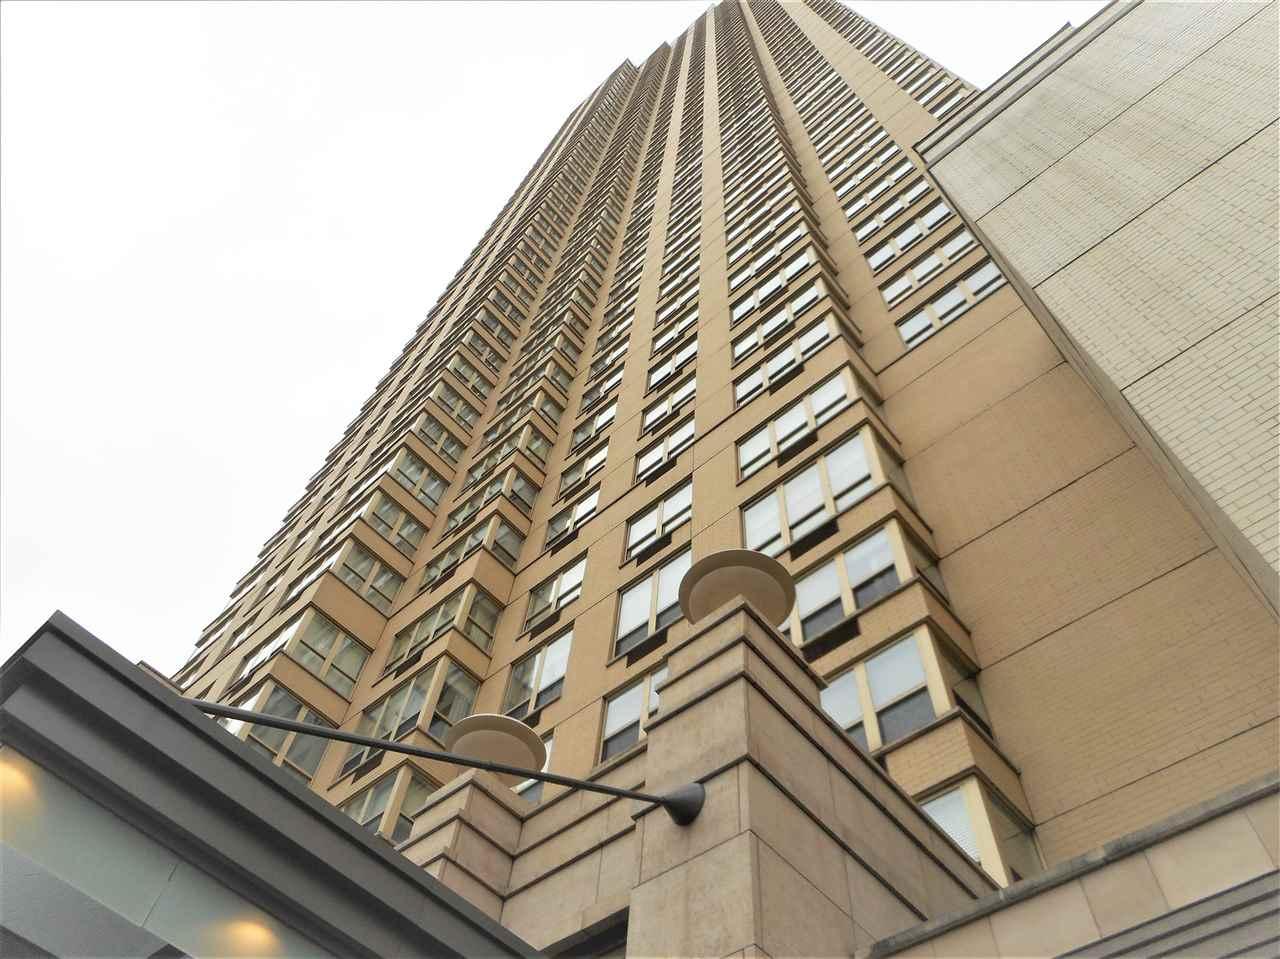 88 MORGAN ST 4508, JC, Downtown, NJ 07302